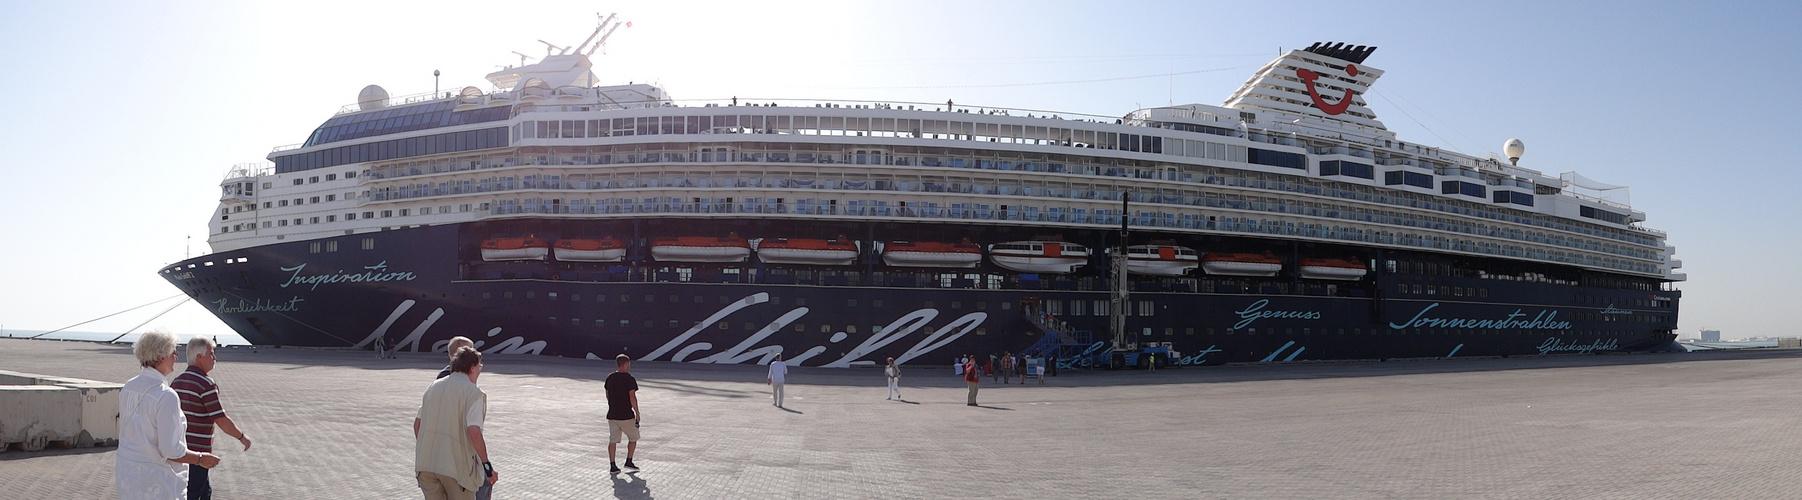 Mein Schiff 2 in Bahrain (Schiebefoto)